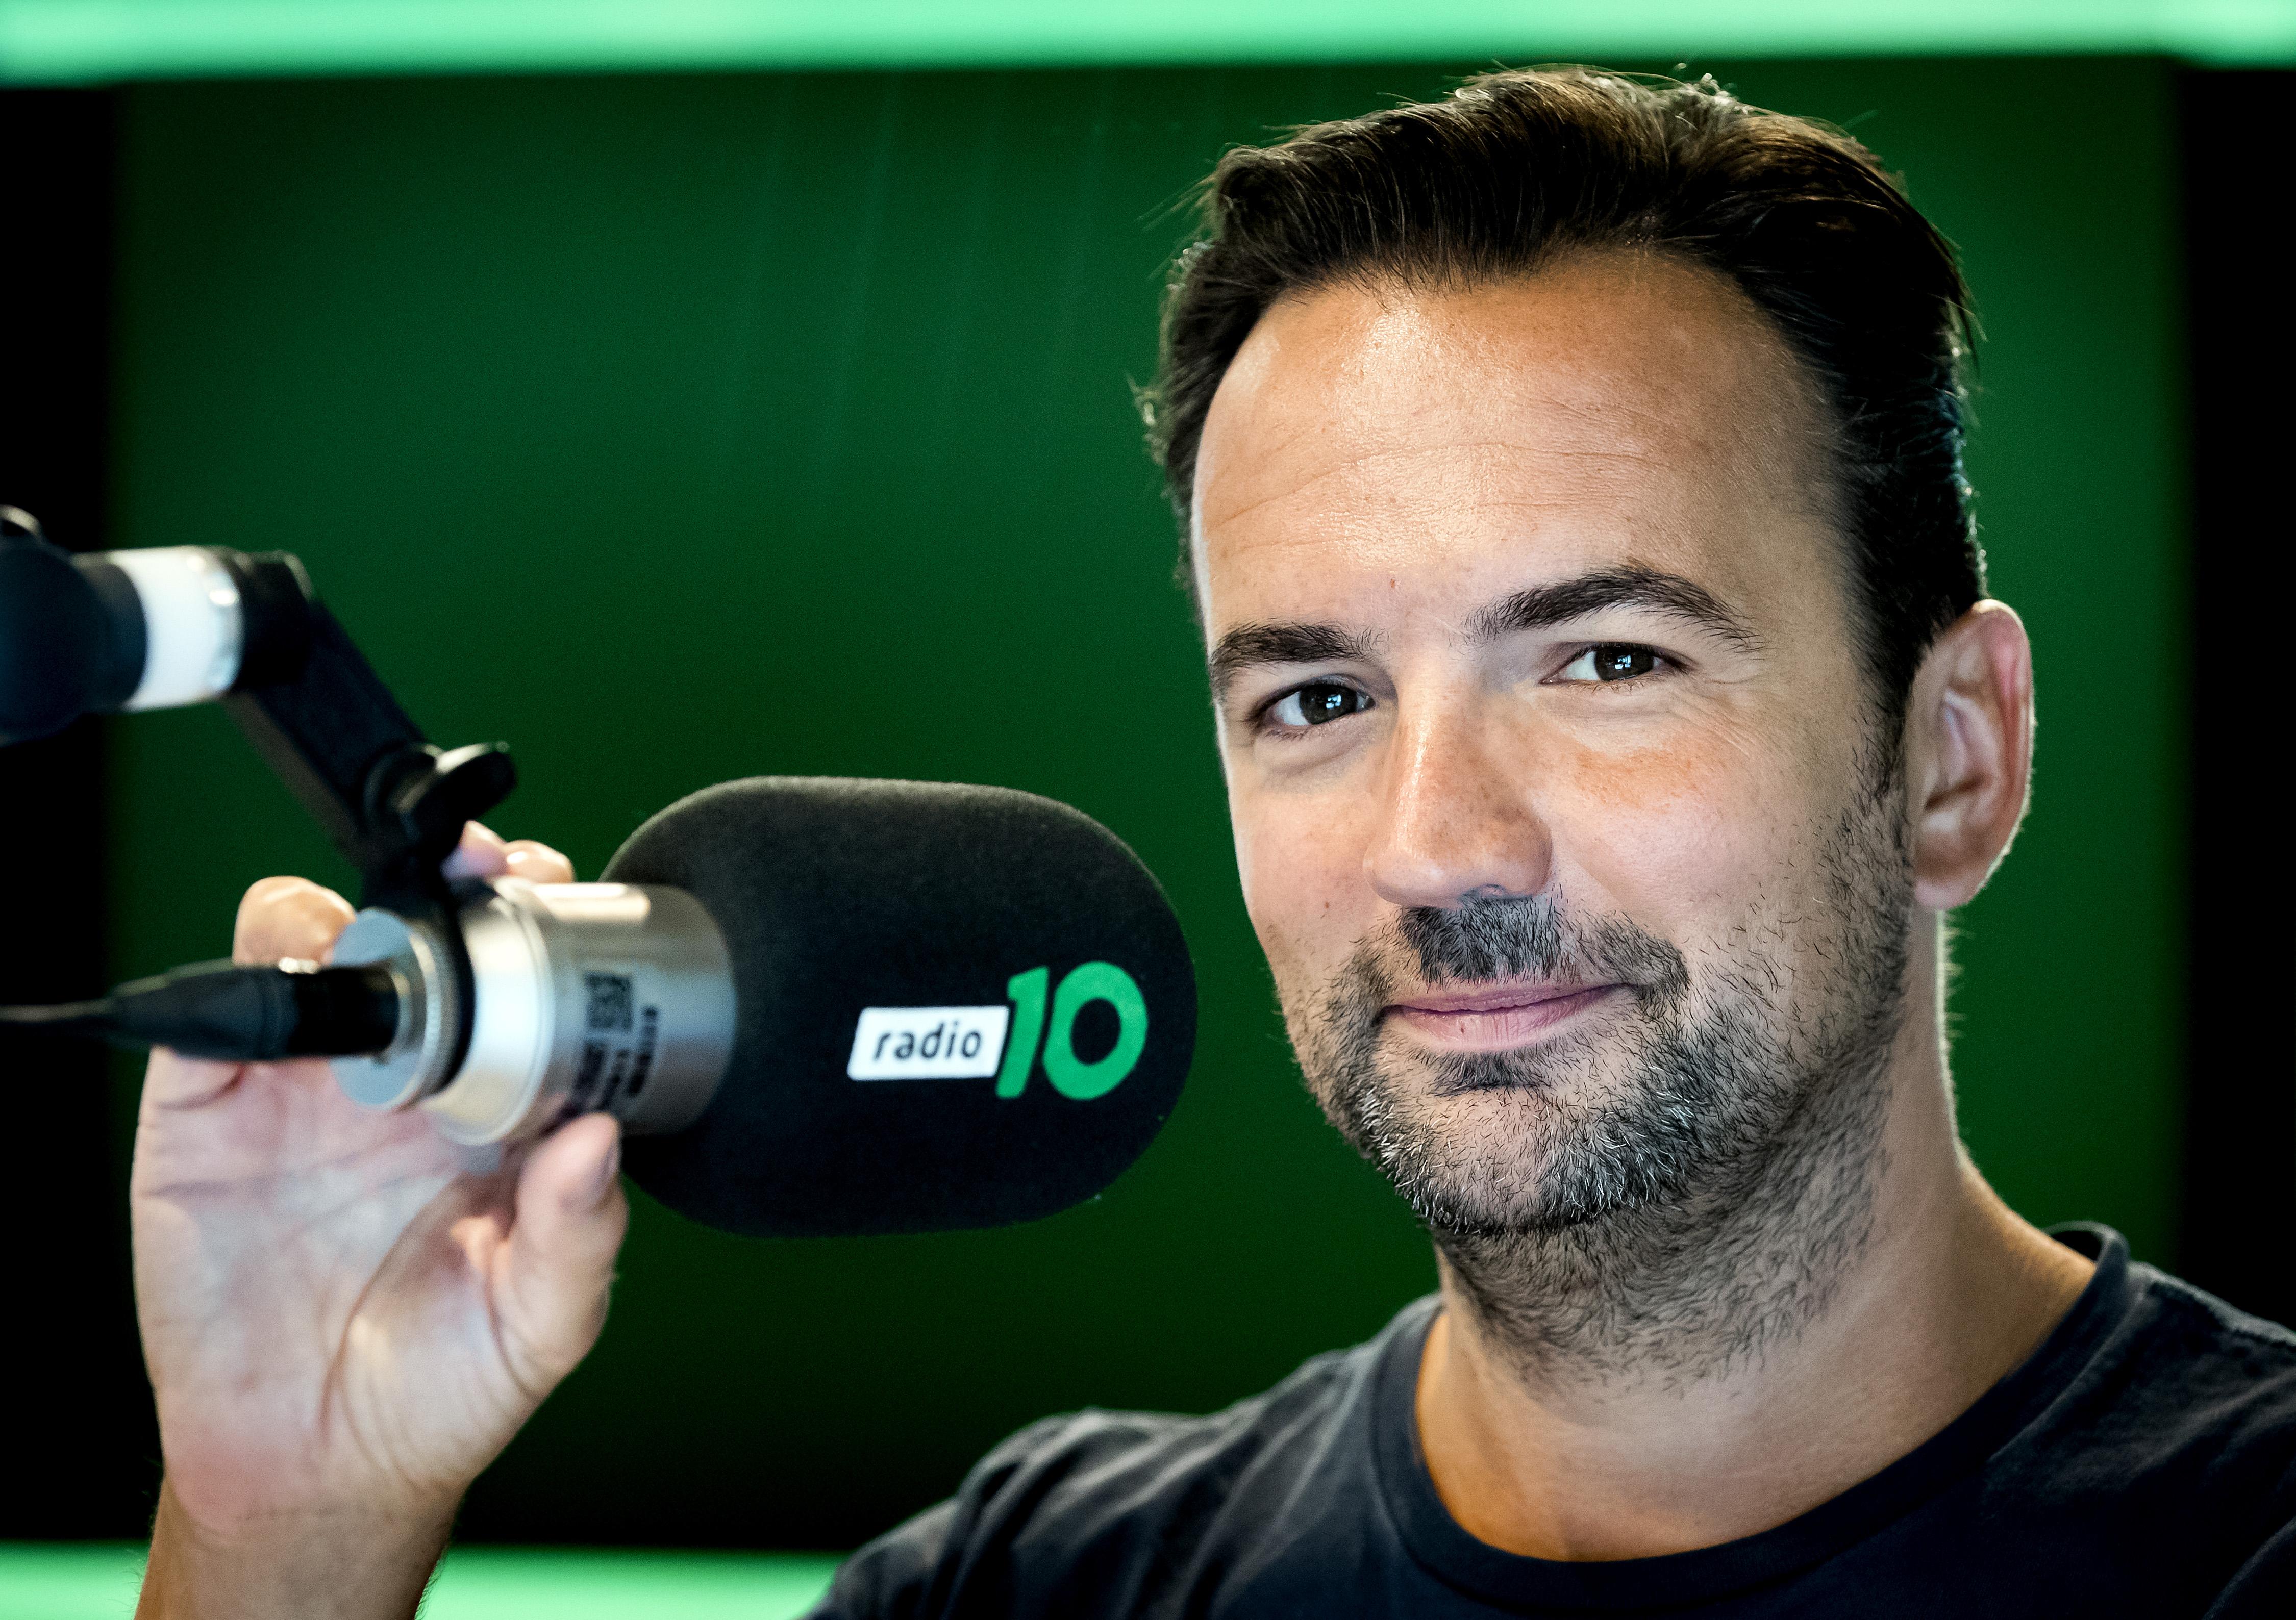 Online radio populair in Nederland